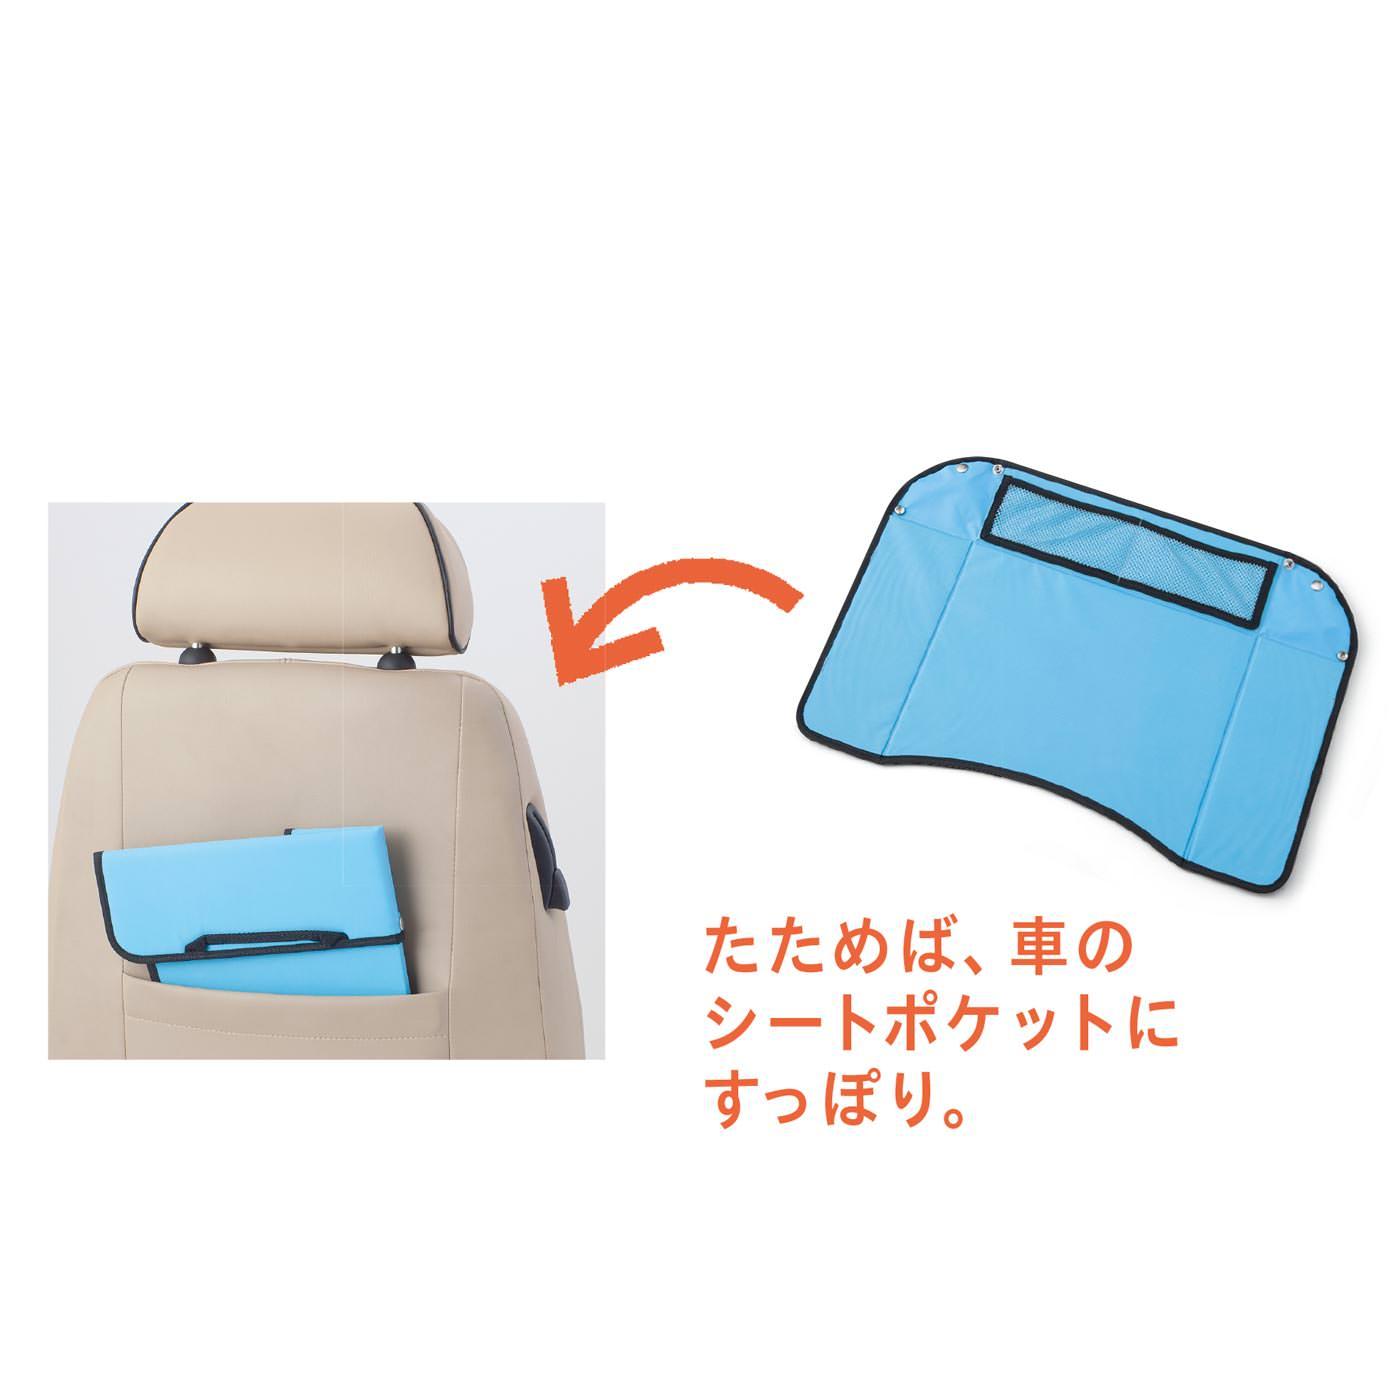 たためば、車のシートポケットにすっぽり。